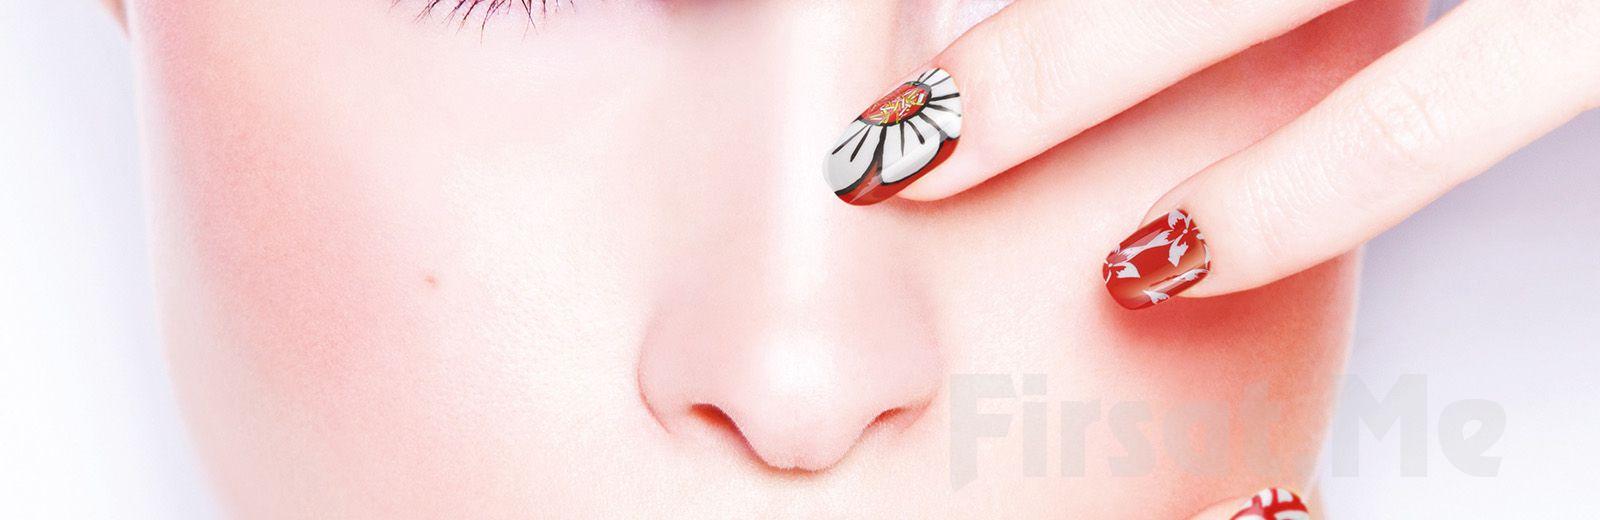 Nişantaşı Rose Make-Up Studio'dan Kuru Manikür, Pedikür, Ölçülü Kaş Alım Seçenekleri